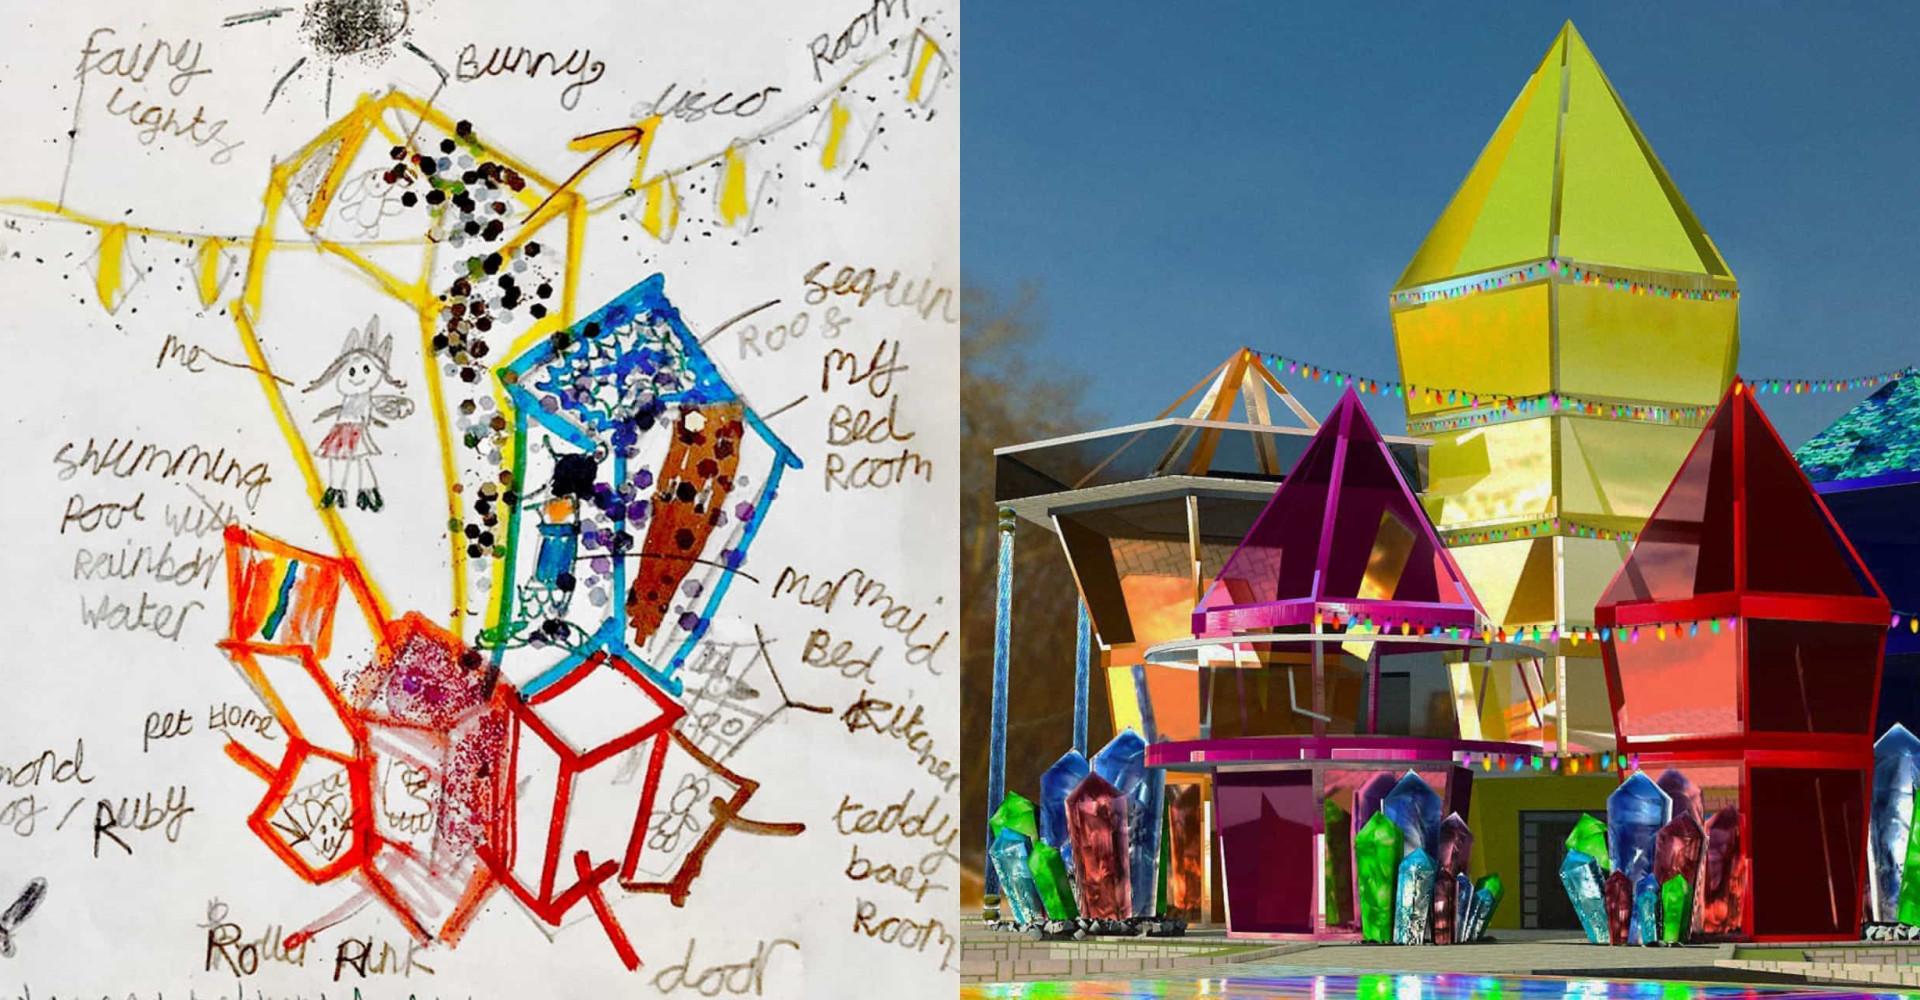 아이들이 디자인한 상상력 가득한 드림 하우스